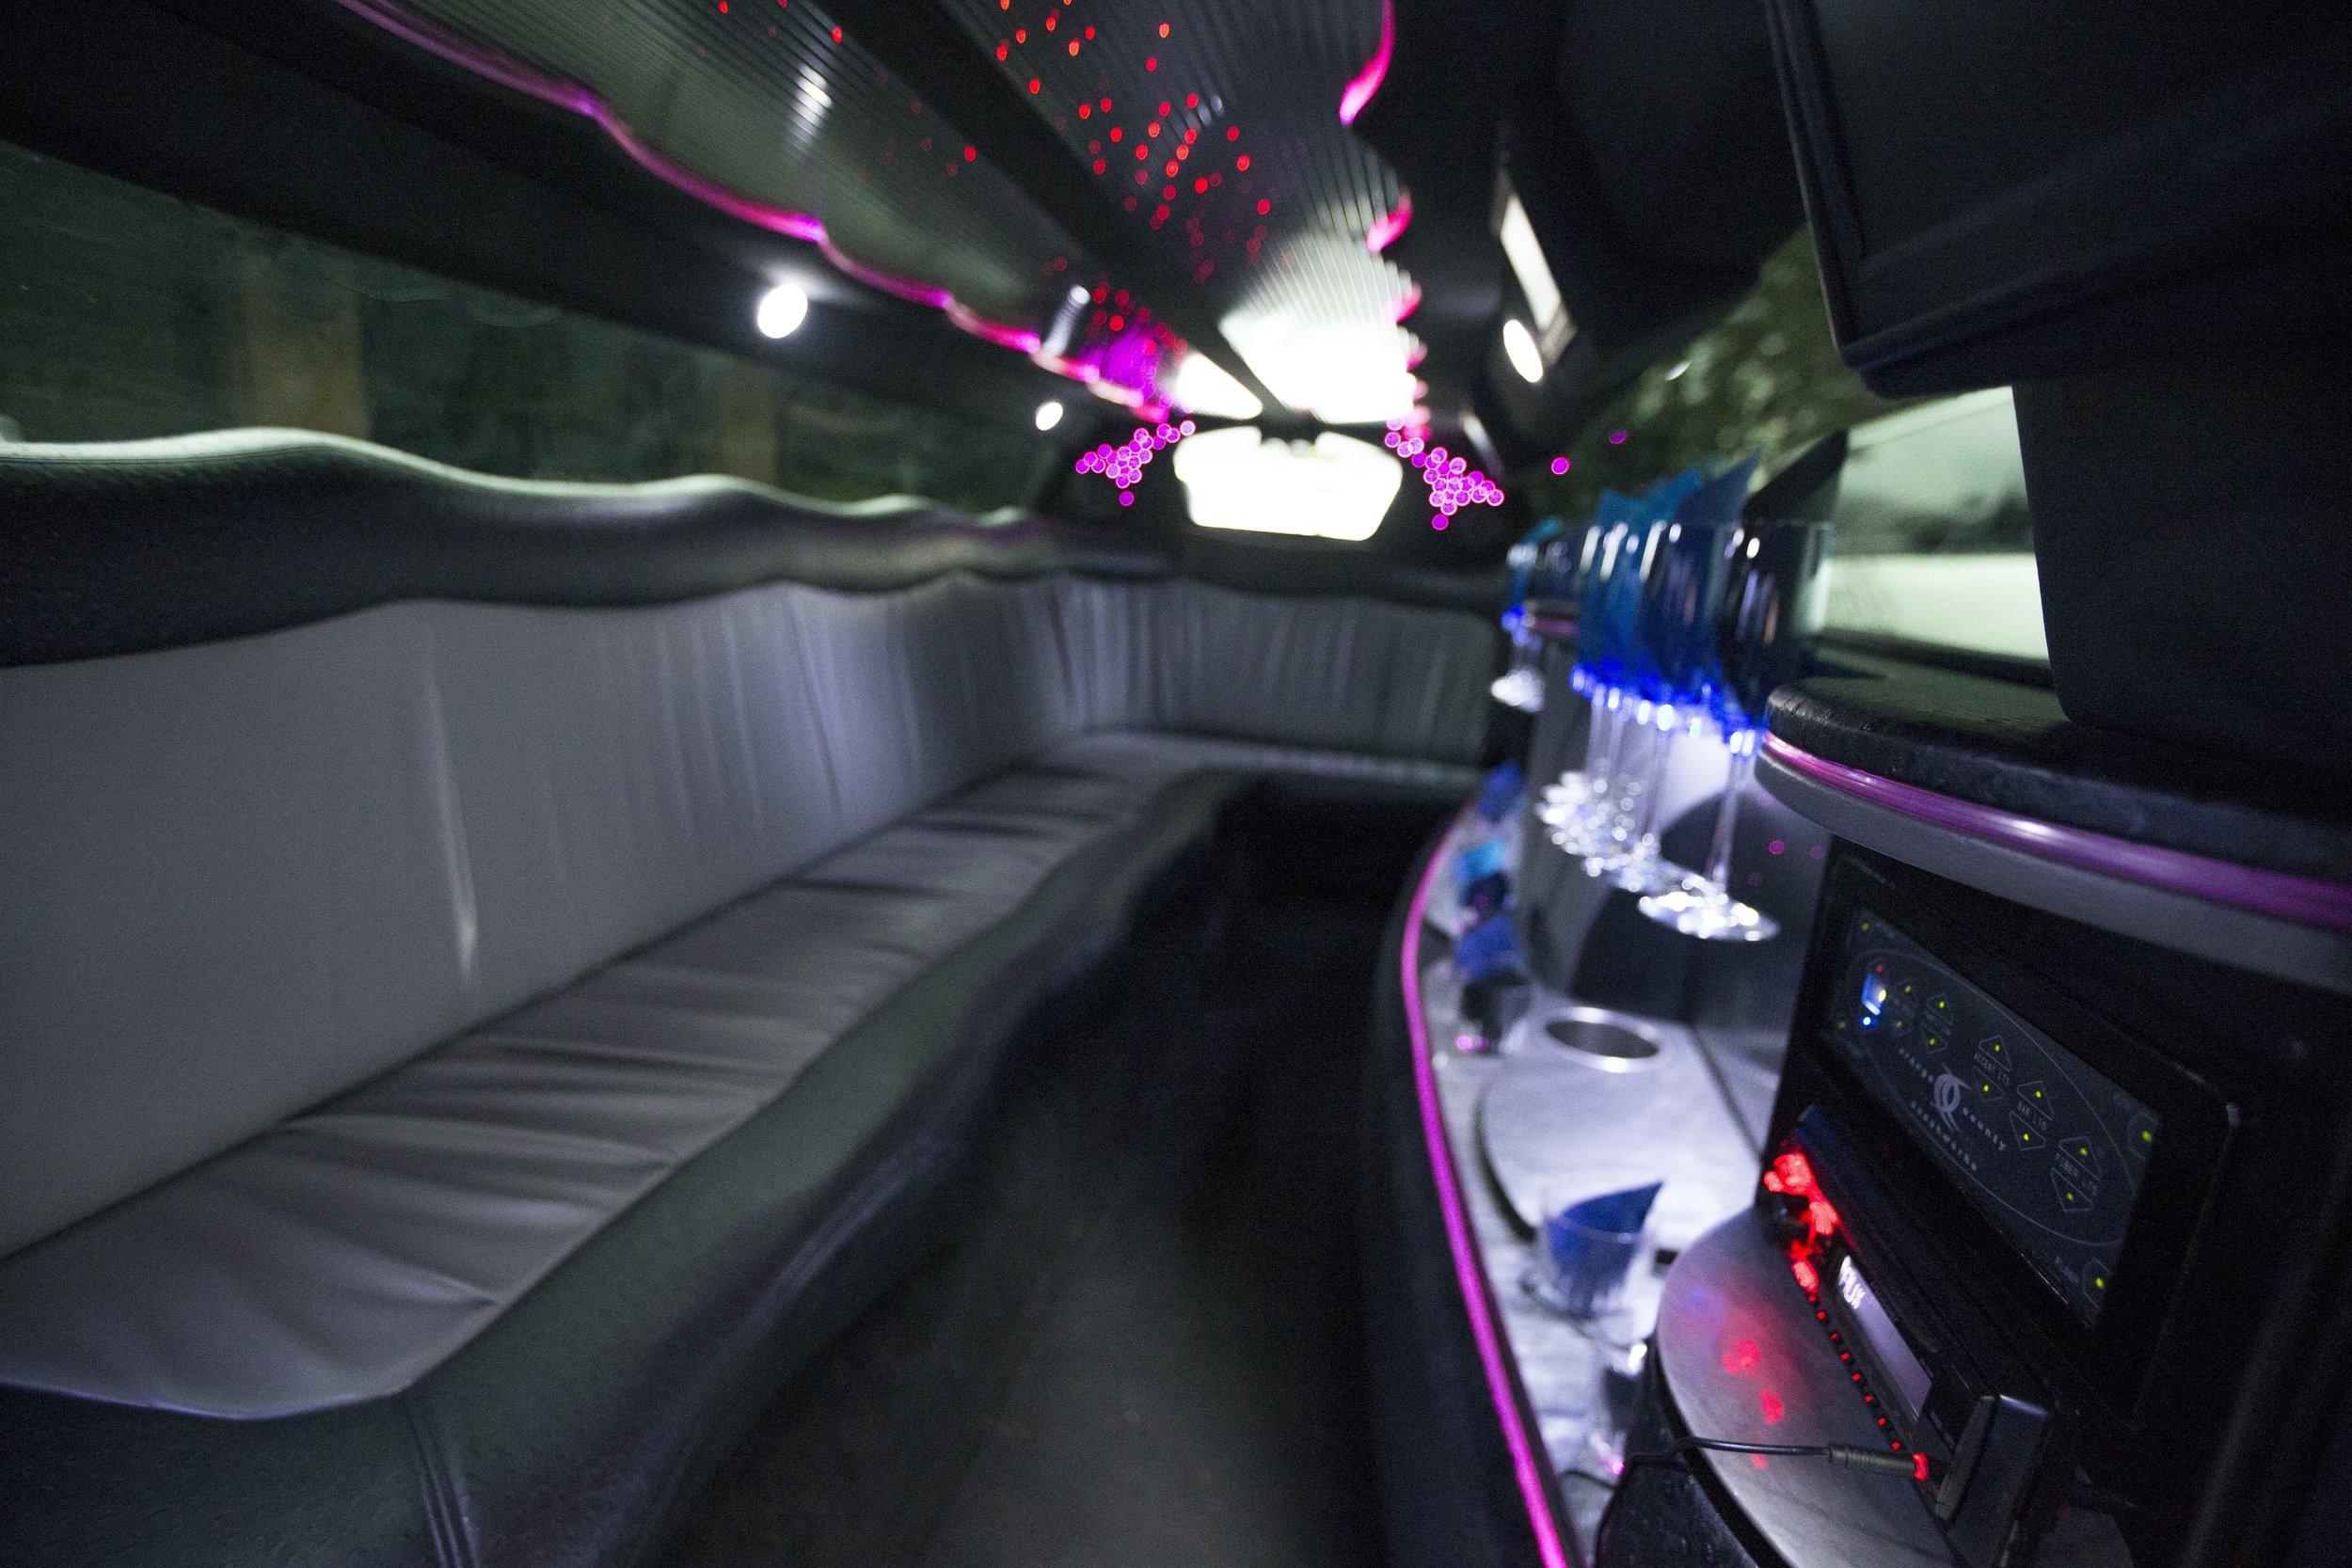 Divine-Limousine-Dodge-Charger-Stretch-10-Passenger-Inside-1.jpg